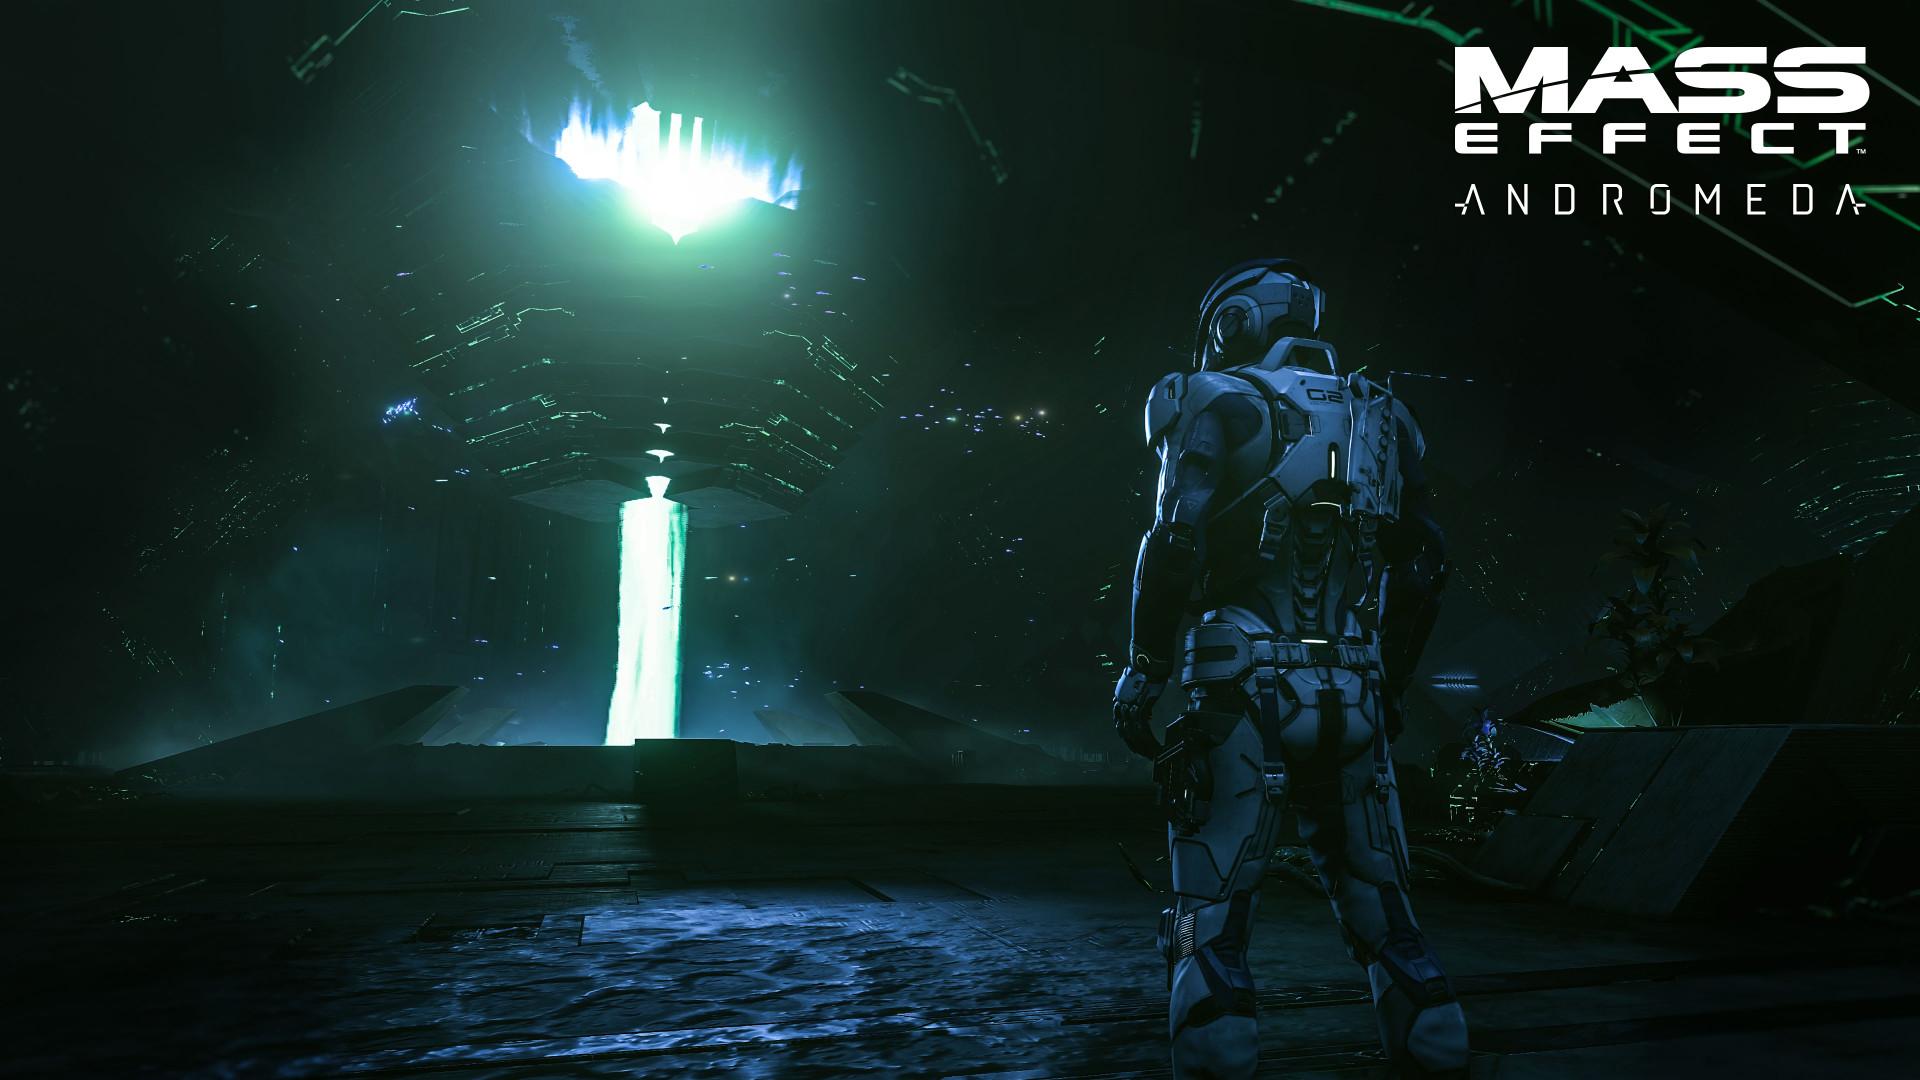 Mass Effect Mobile Wallpaper Wallpapertag